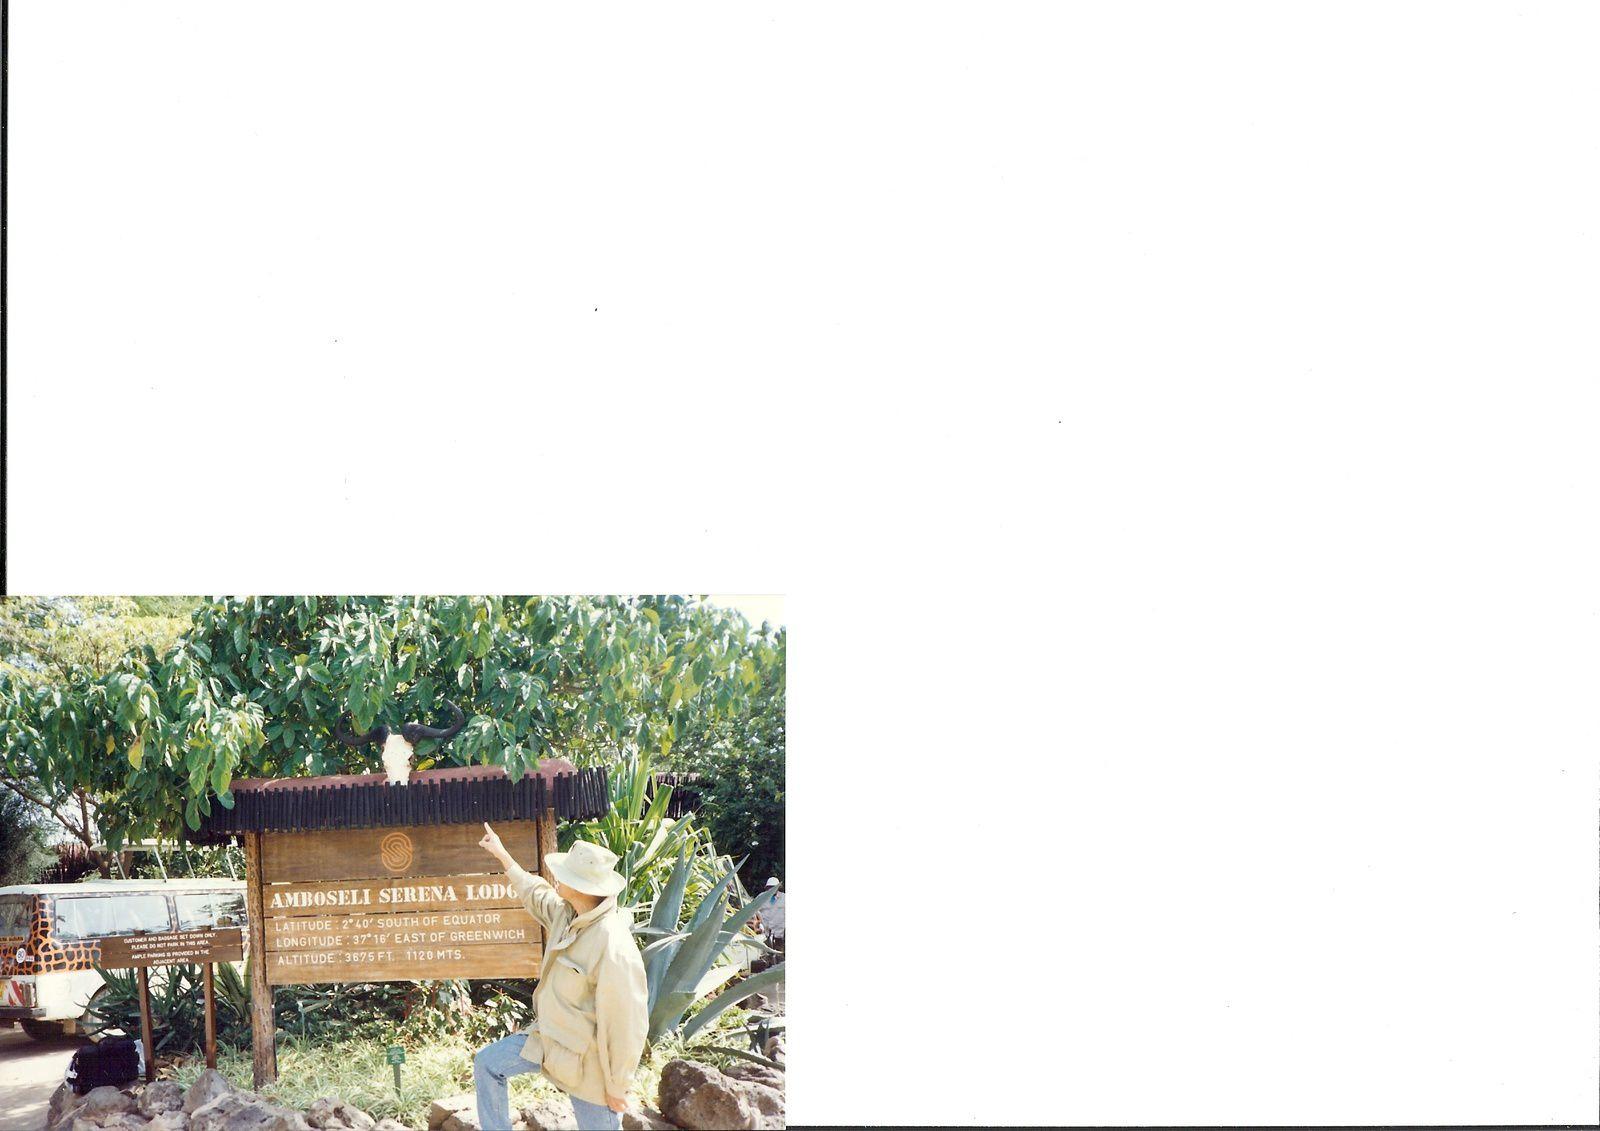 J'ai gagné un voyage au KENYA,en 1991.